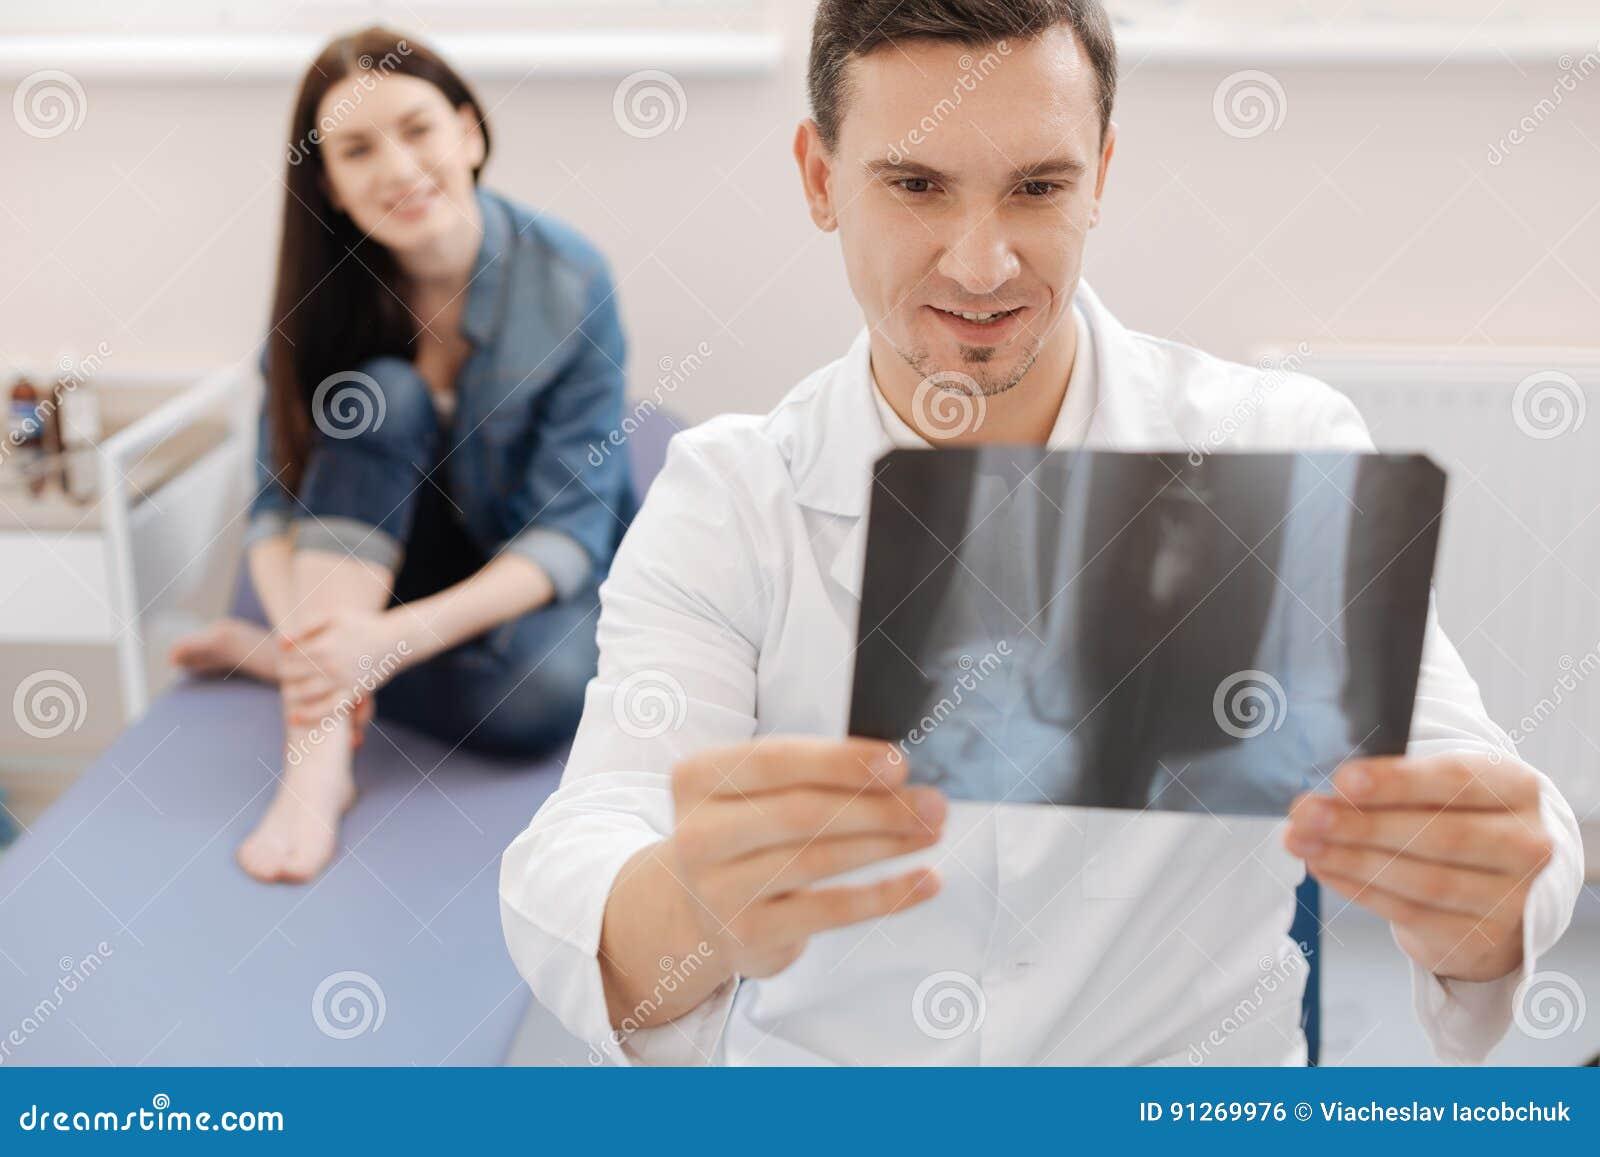 Ευχαριστημένος θετικός γιατρός που έχει τις καλές ειδήσεις